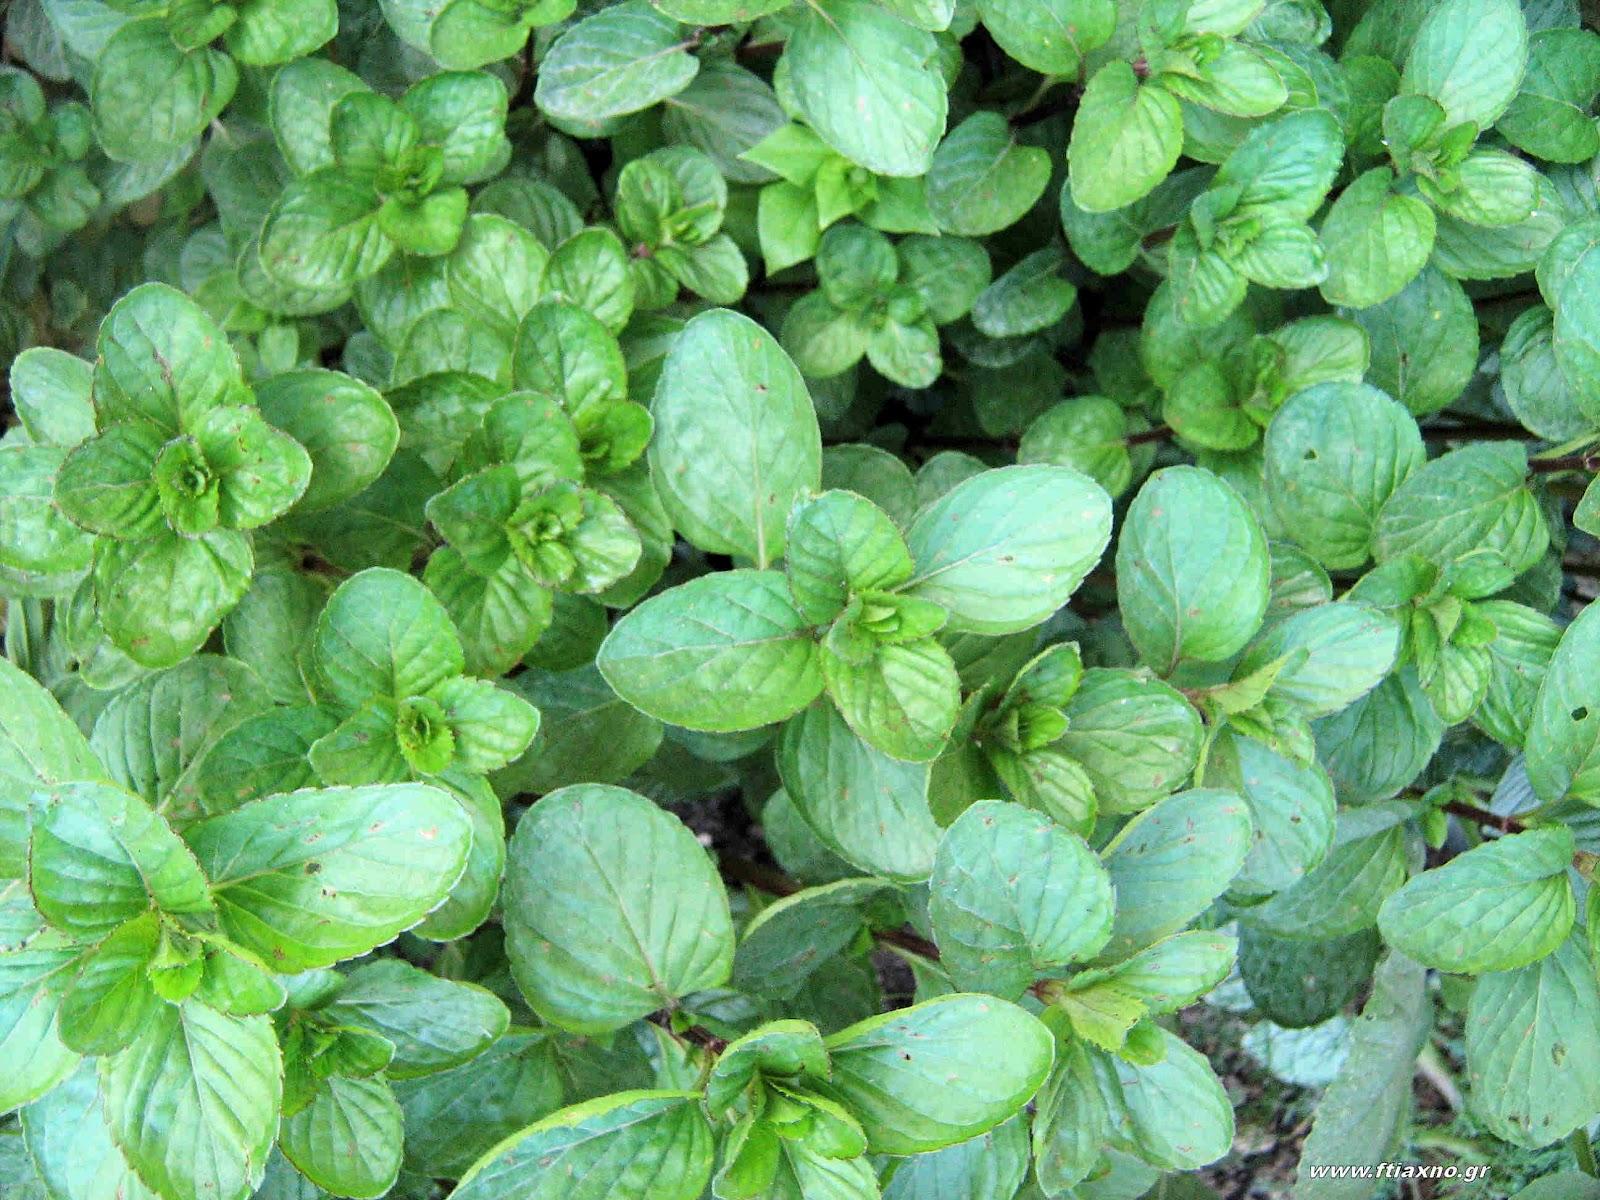 Φυτικά φάρμακα για προστασία φυτών